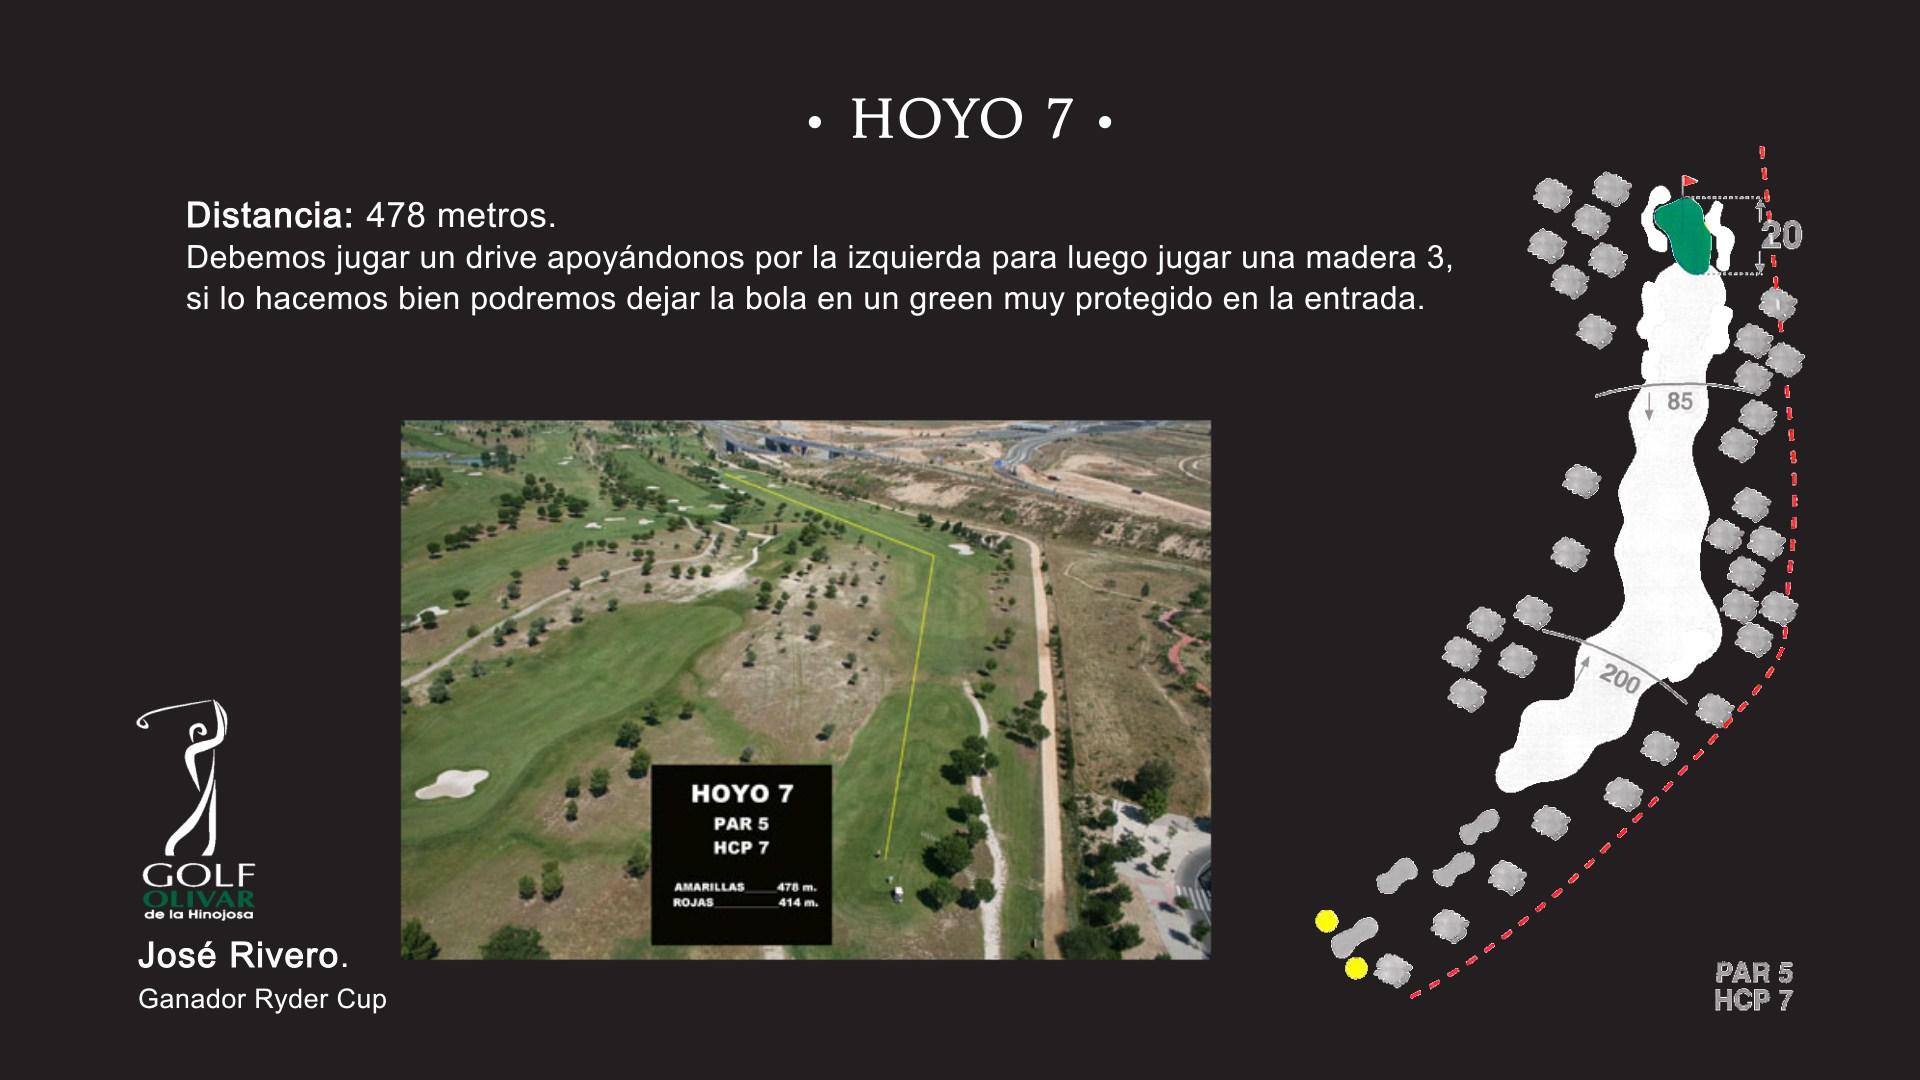 Hoyo 7 Olivar de la Hinojosa